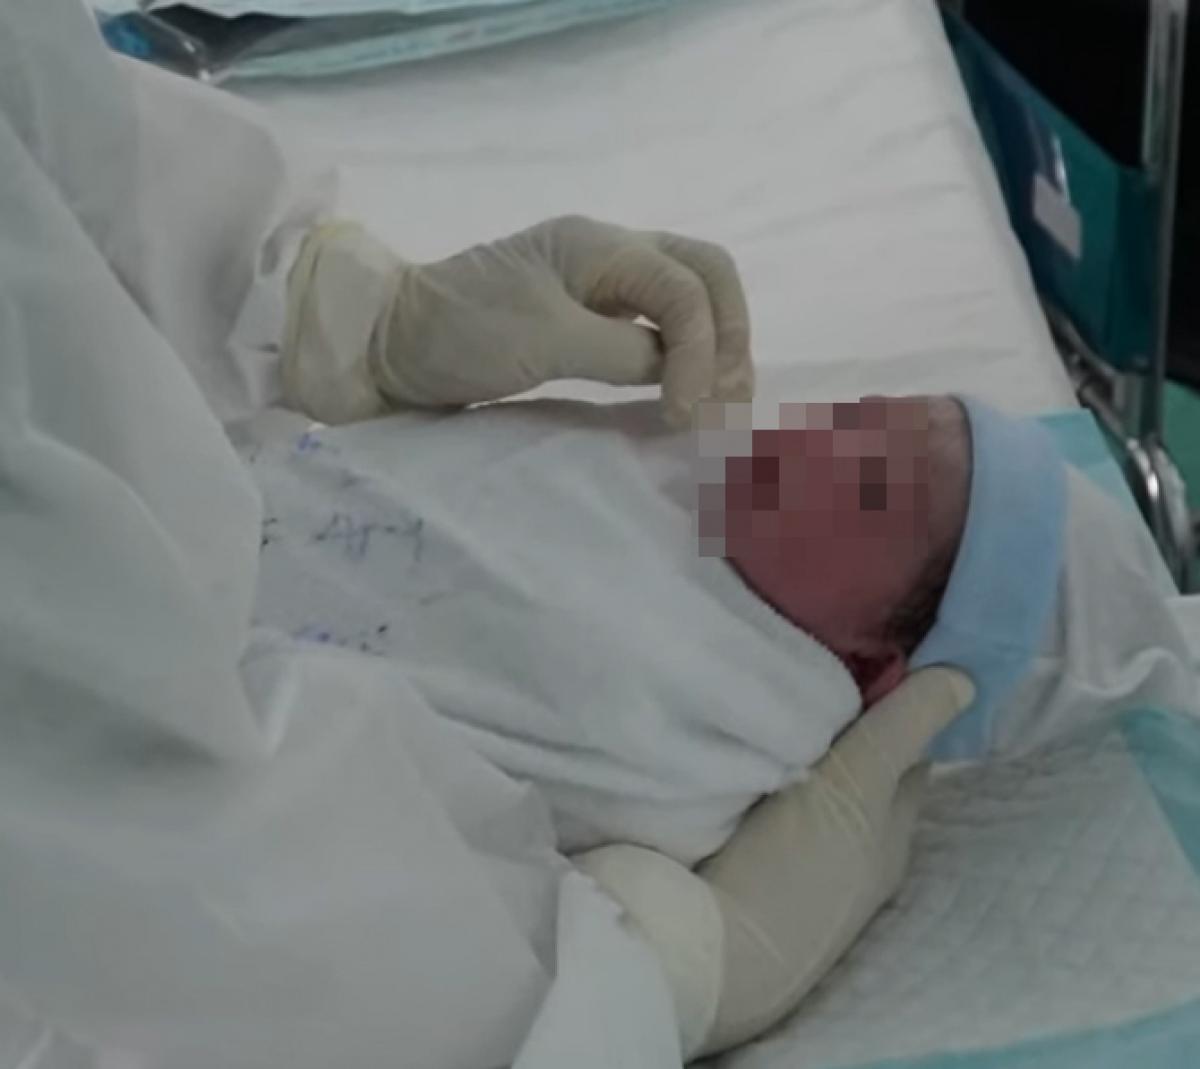 Trẻ sơ sinh vừa được phẫu thuật từ người mẹ dương tính với SARS-CoV-2.